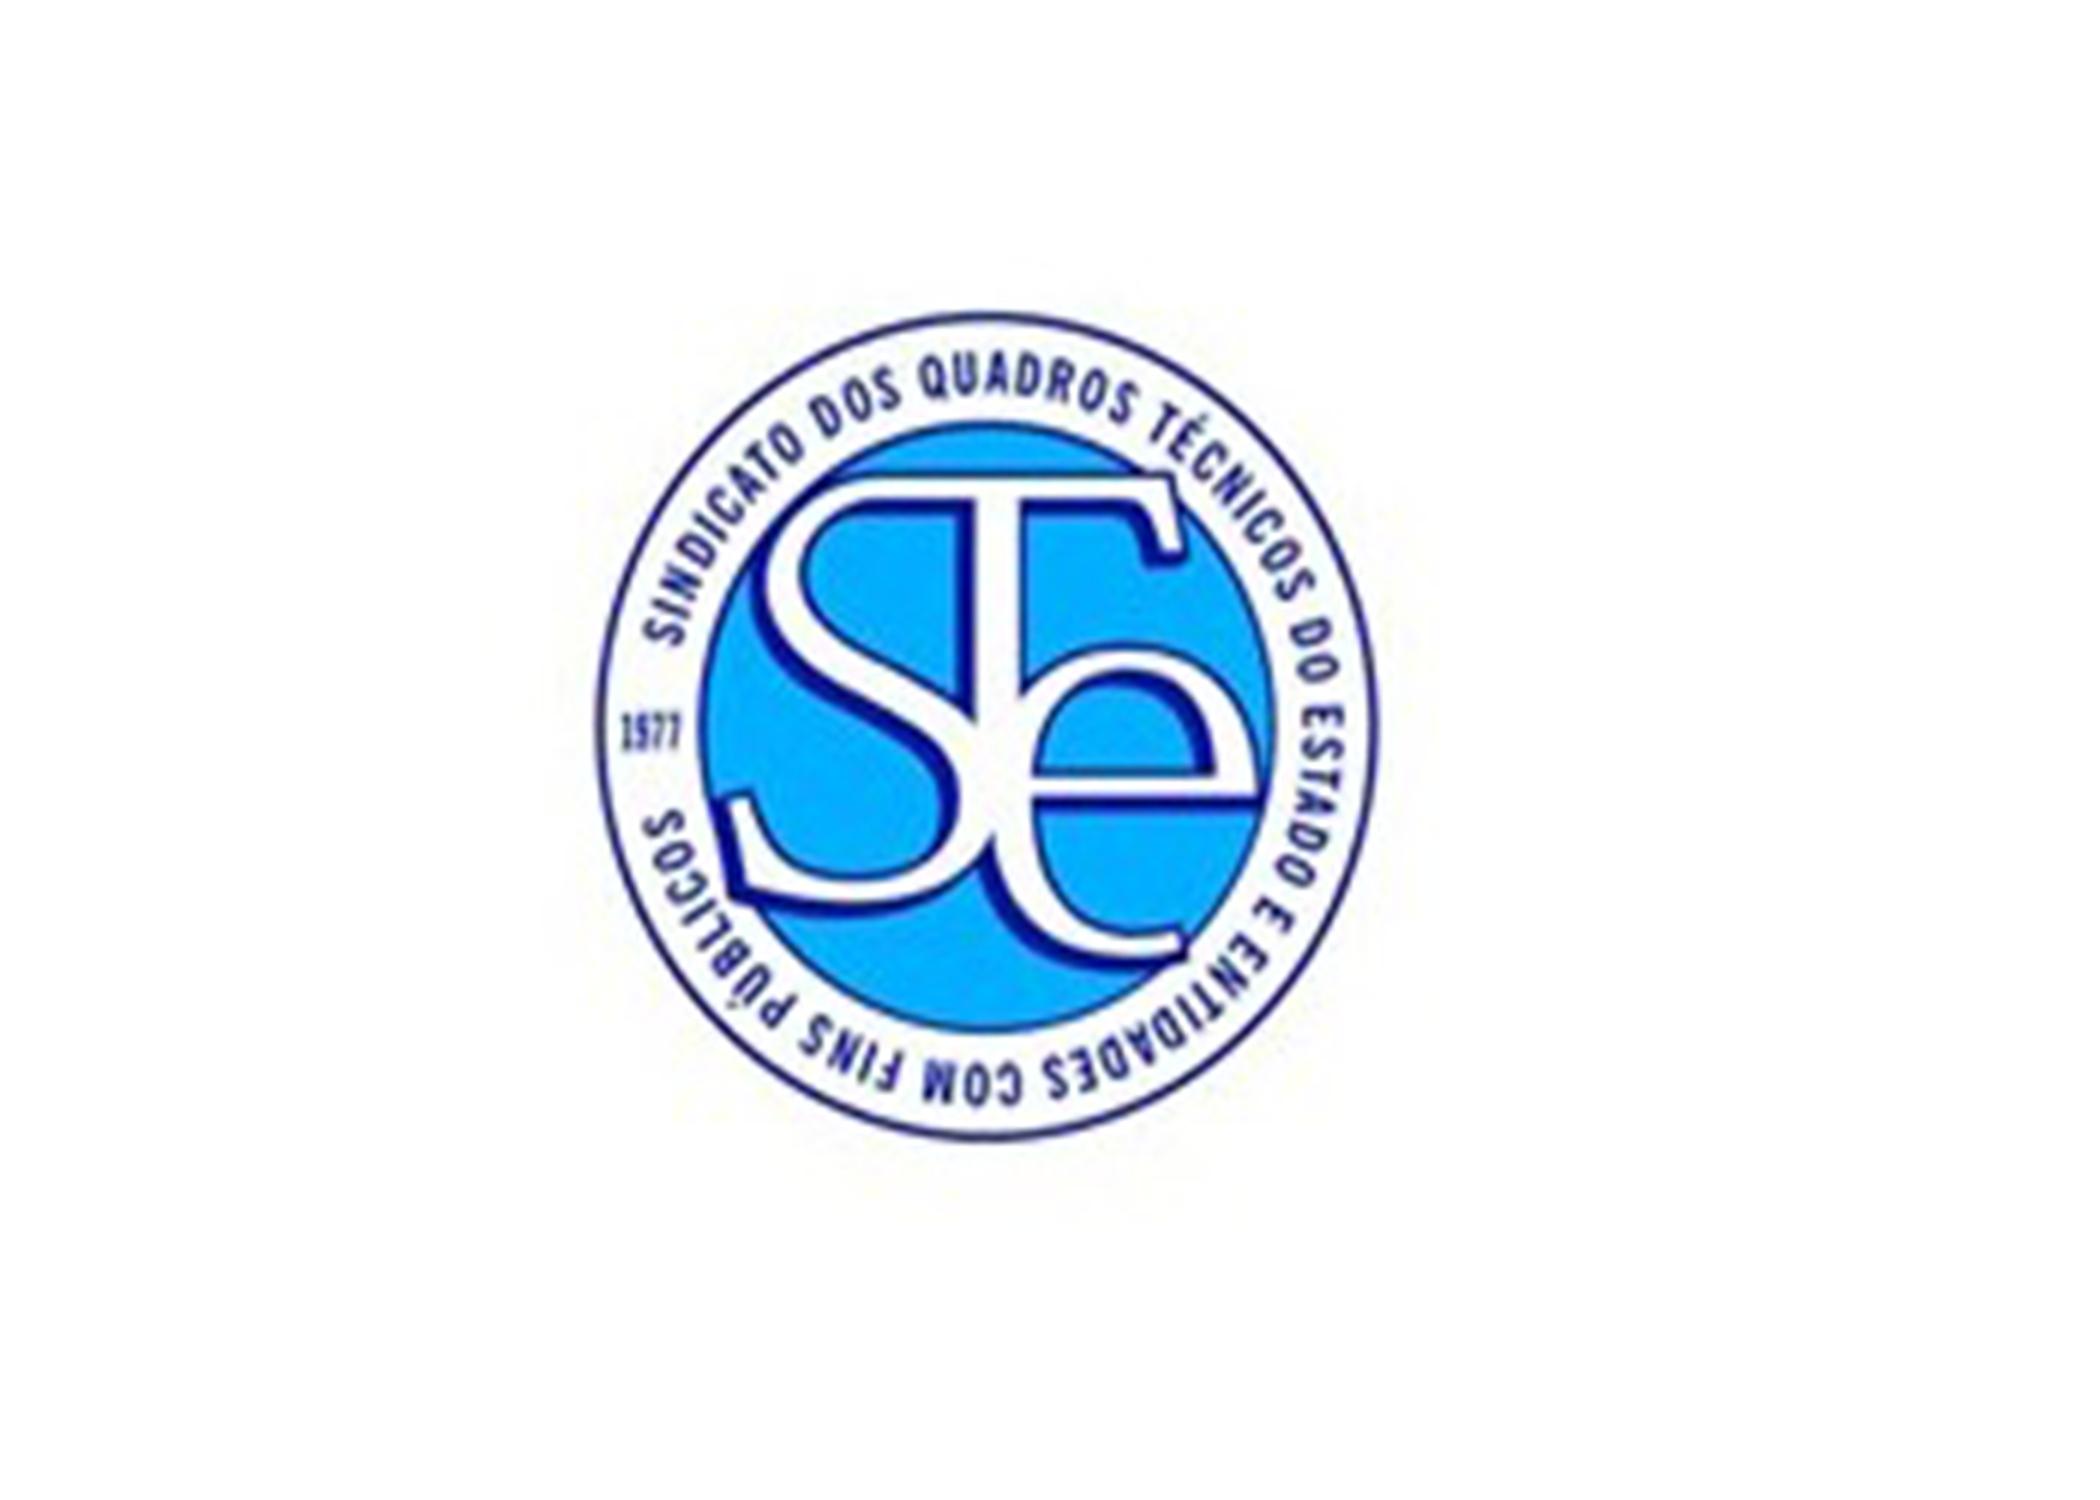 Sindicato dos Técnicos do Estado e Entidades com Fins Públicos